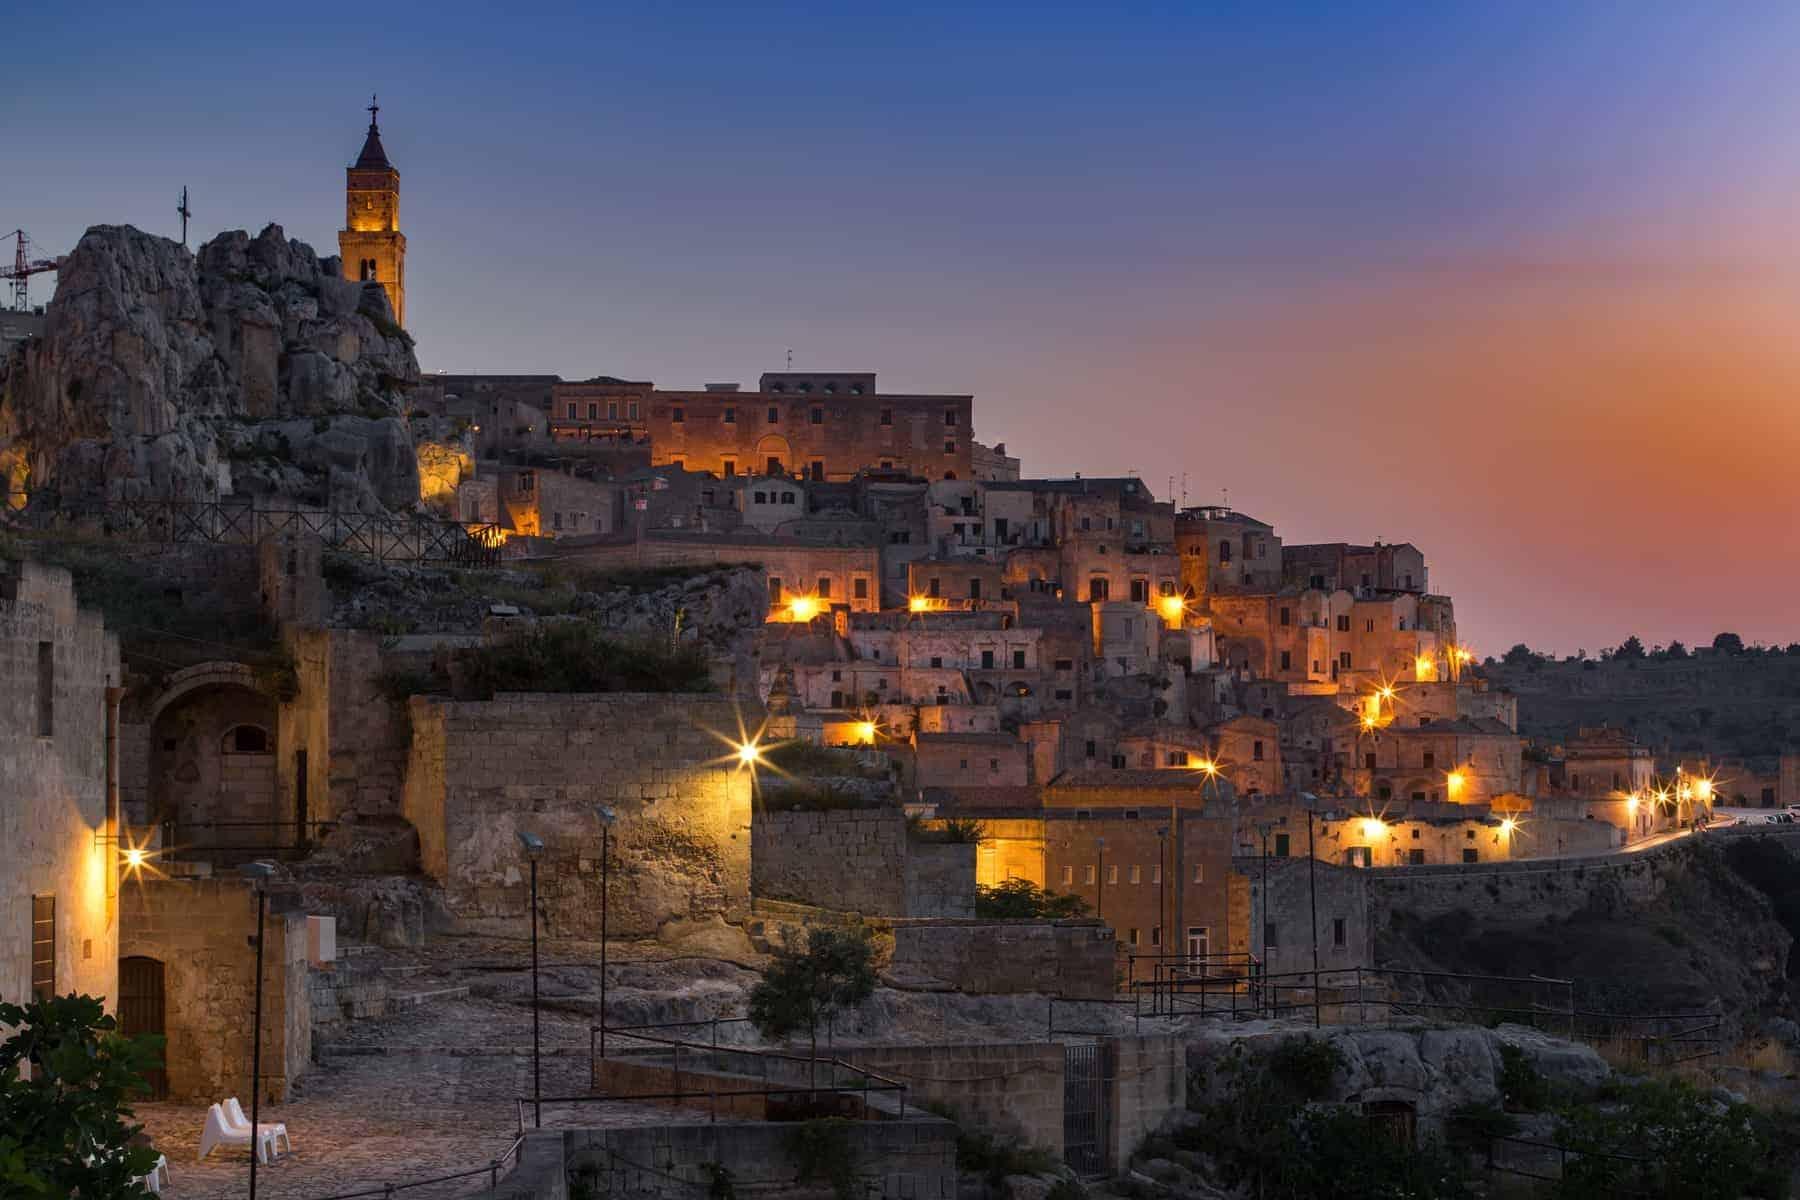 Old town of Matera at dusk, Basilicata region, southern Italy